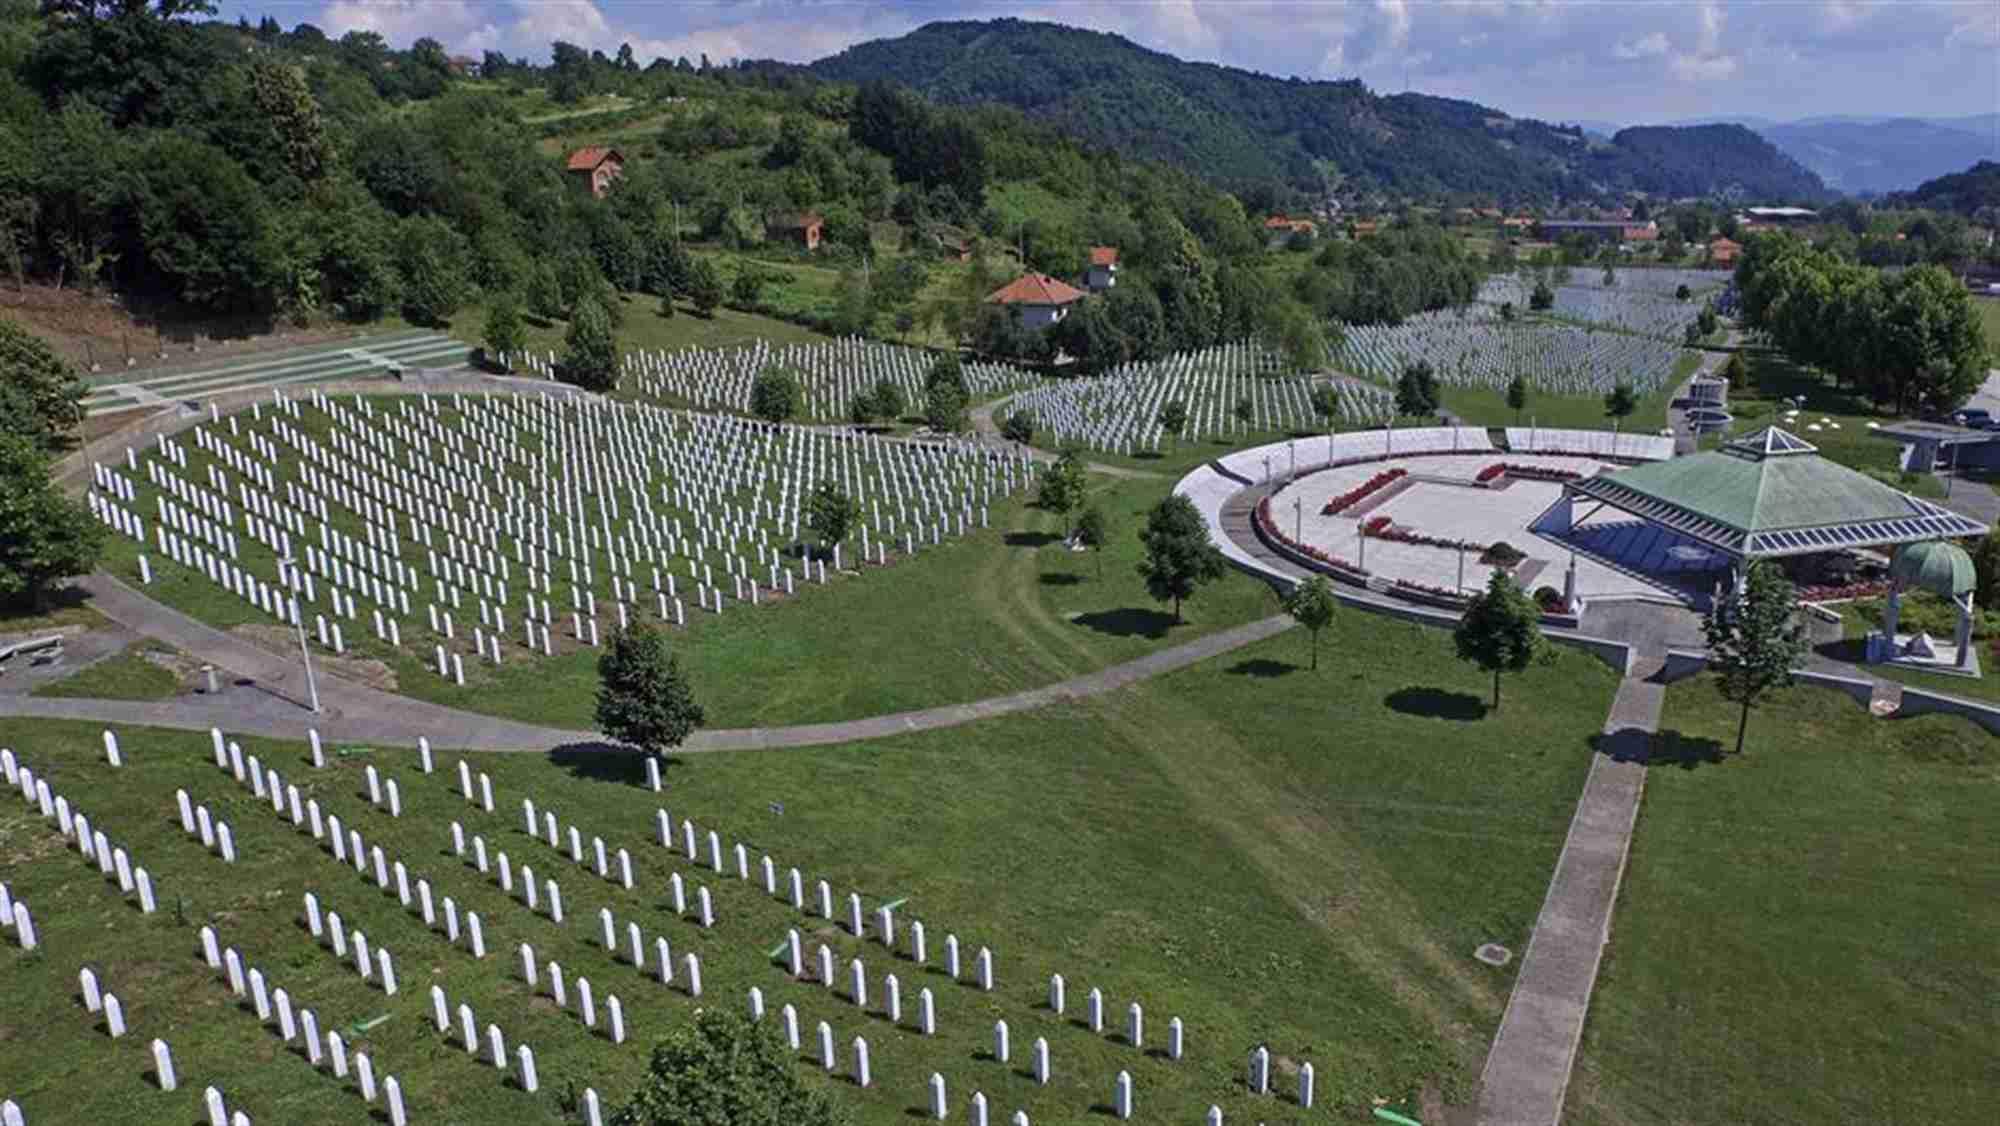 u sarajevu sastanak odbora za obilježavanje 24. godišnjice genocida u srebrenici